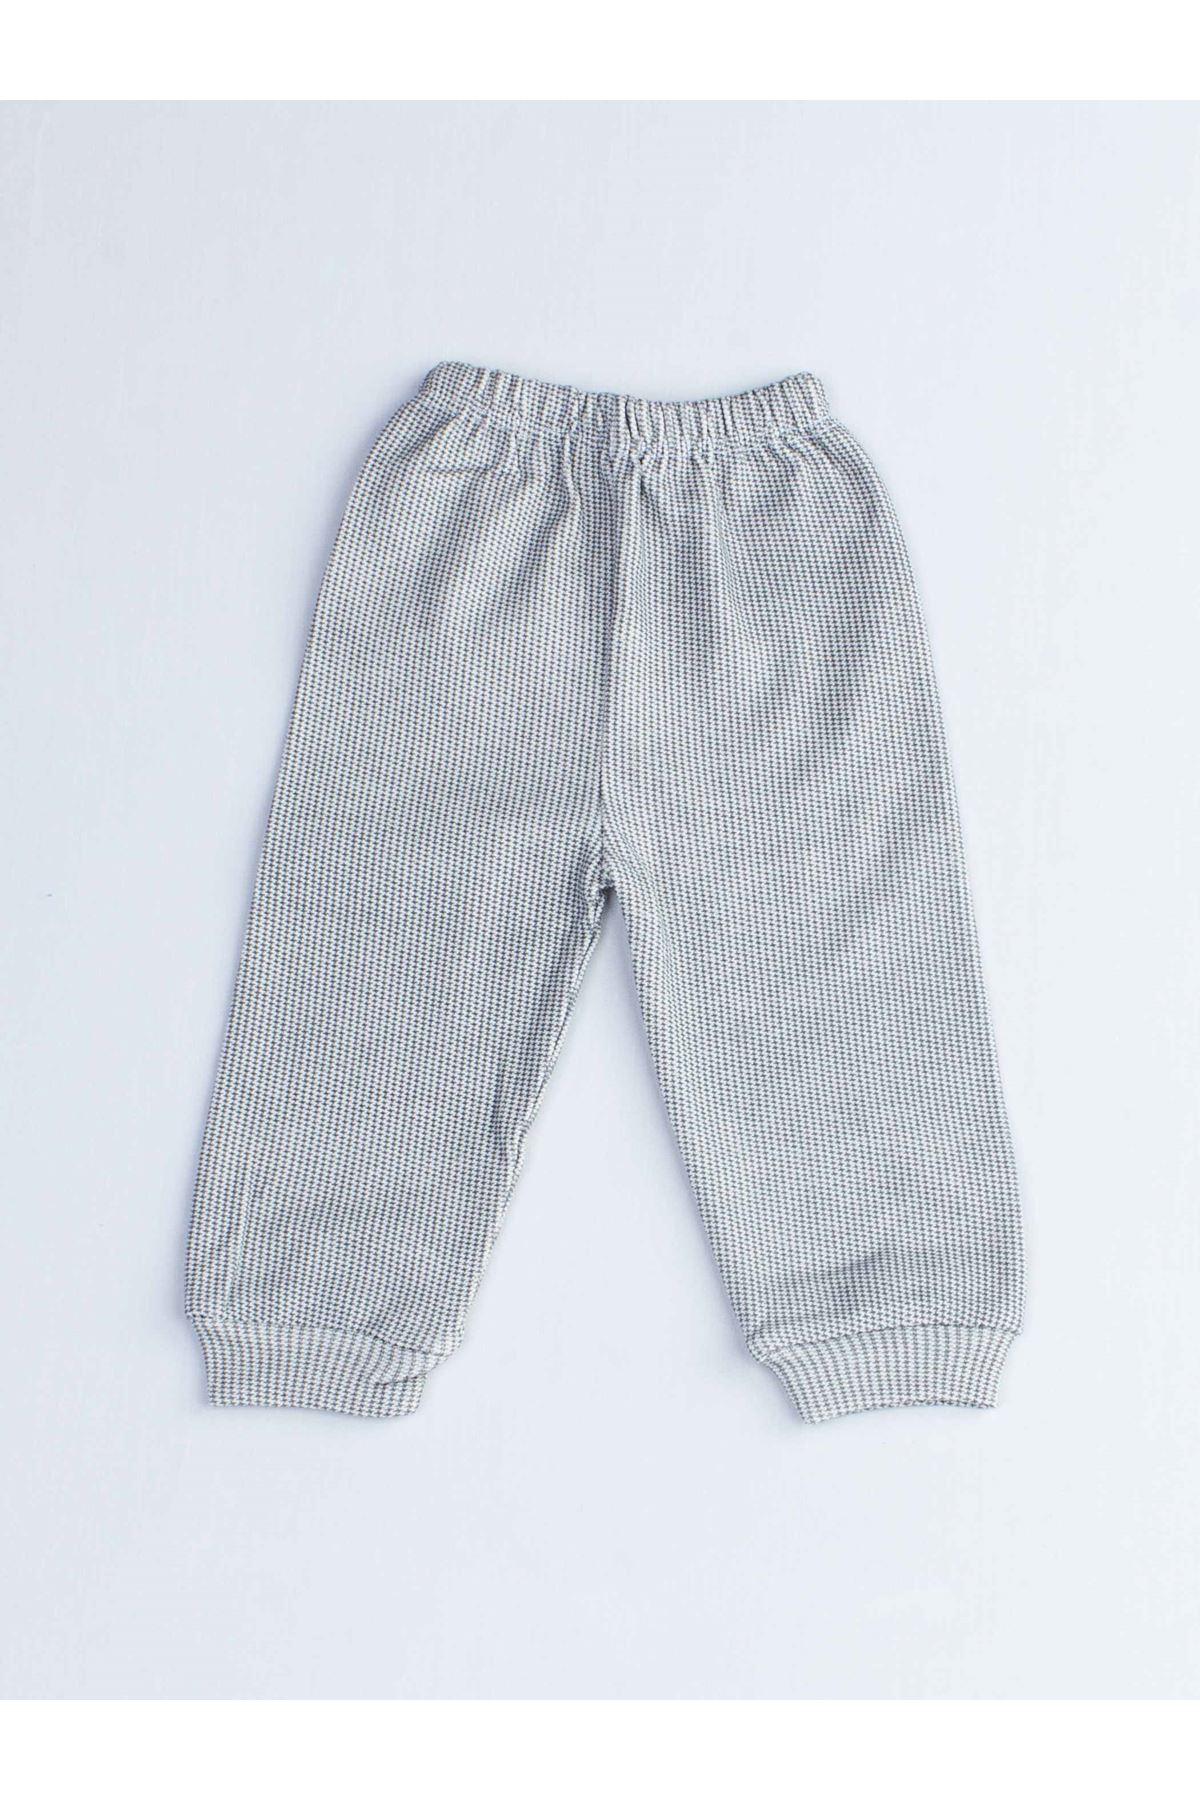 Gri Köpekli Erkek Bebek Pijama Takımı